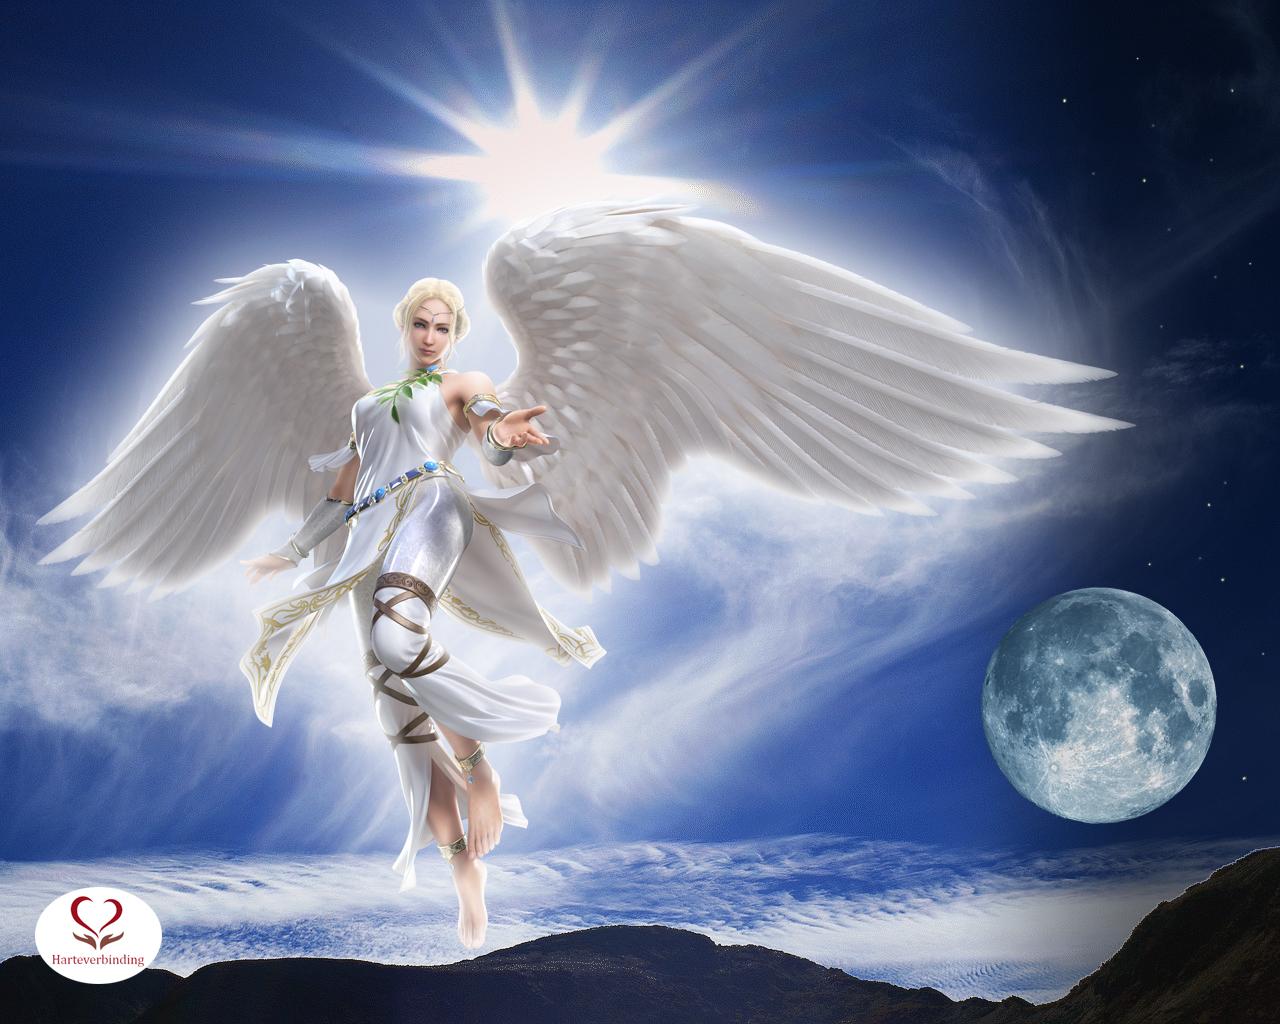 https://harteverbinding.nl/wp-content/uploads/2016/03/morningstar-moon-sun-Angel.jpg